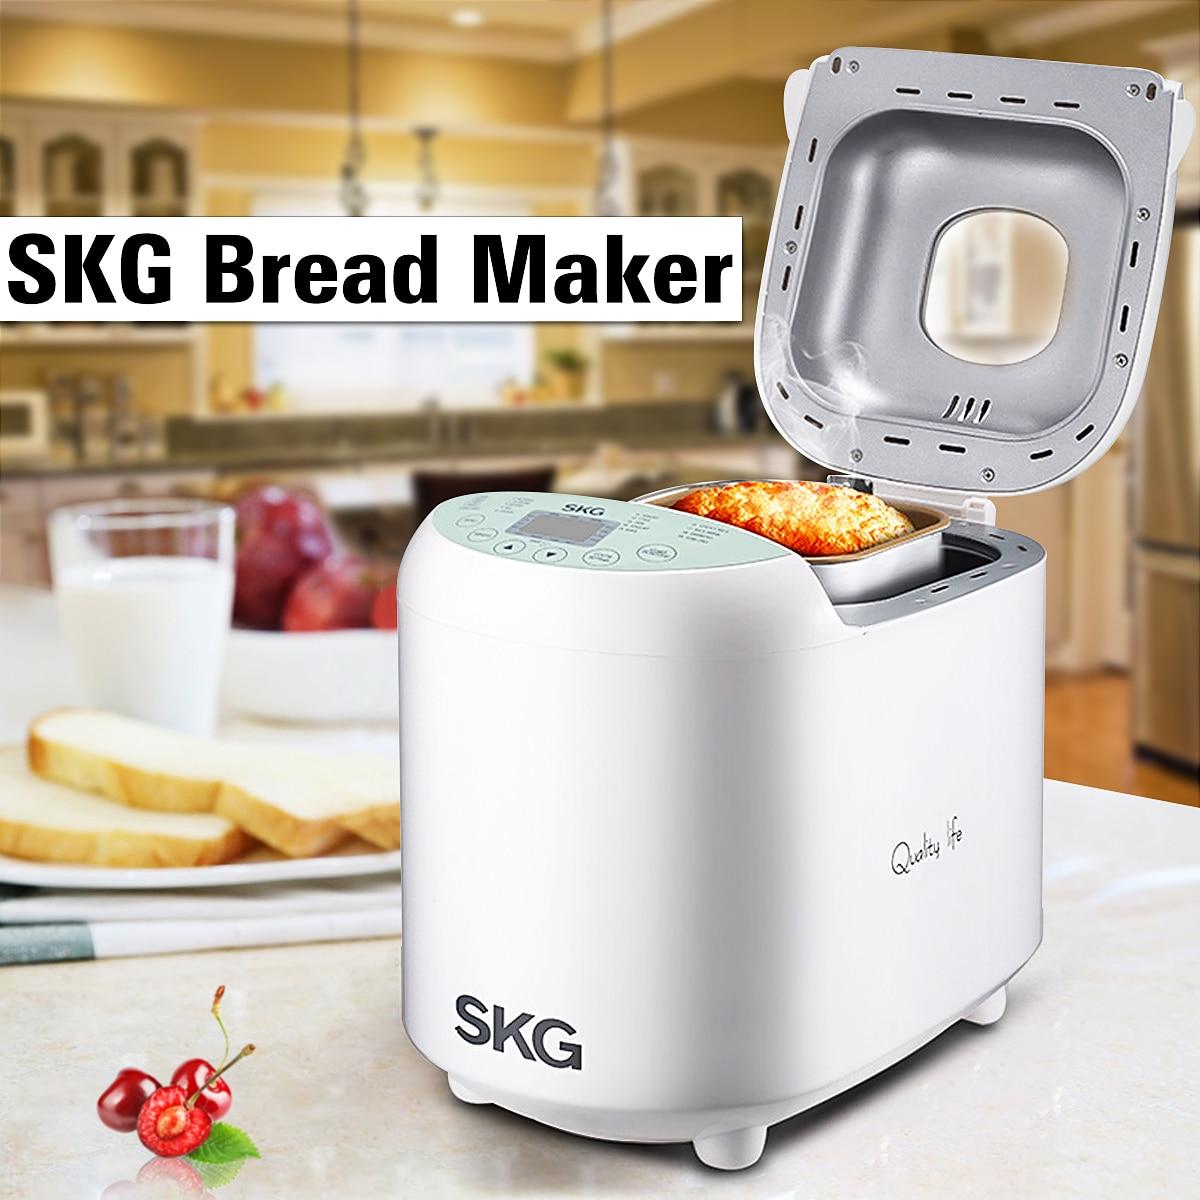 SKG 110 v Automatique Machine À Pain Maker Avec Recettes Antiadhésive Enduit 2LB Débutant Amical 19 Programmable Minuterie Intelligente